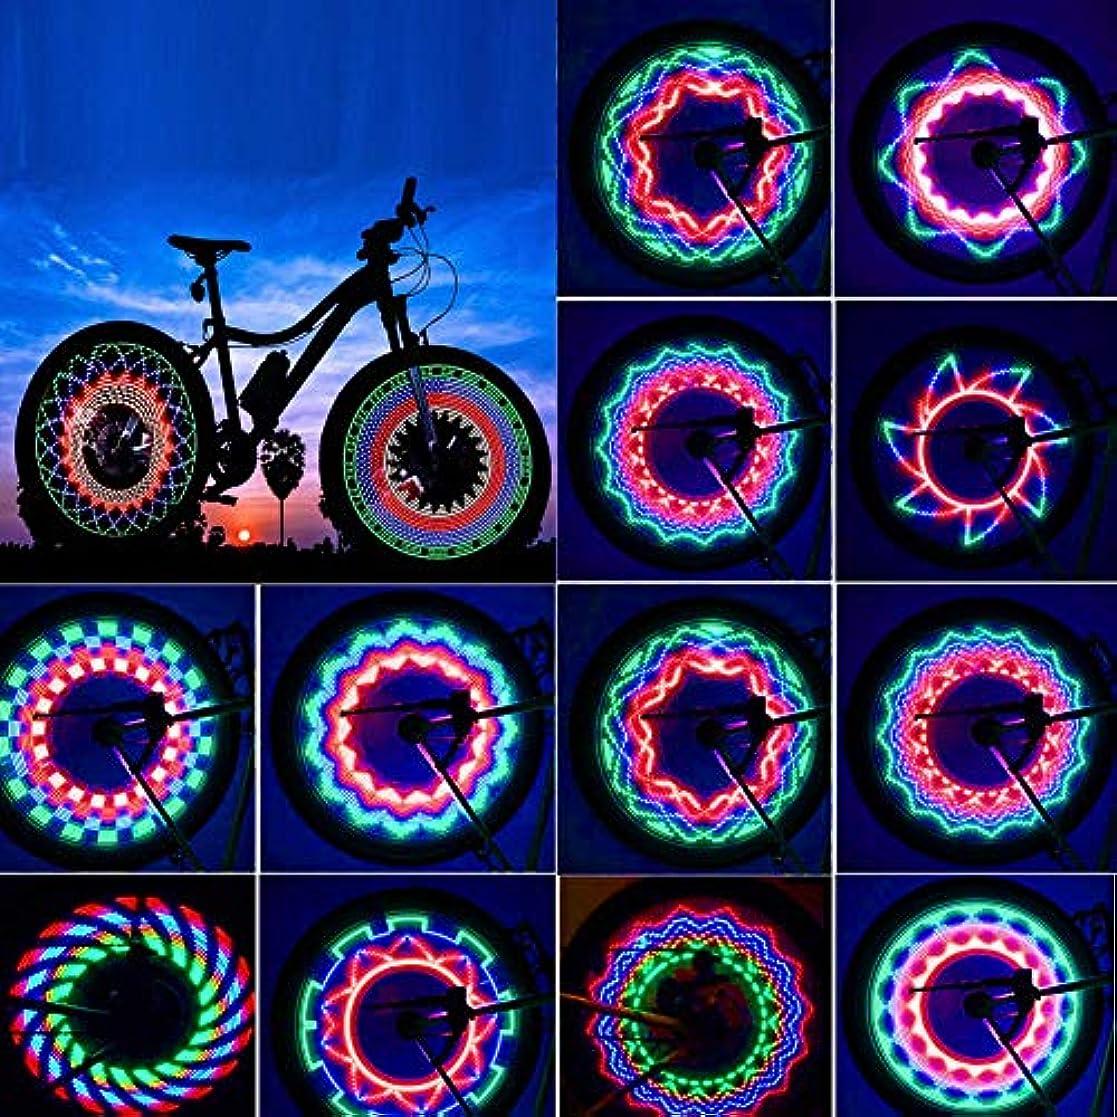 さらにオートマトンスキッパーCozyswan 新型自転車用スポークLEDライト タイヤライト 電池式 図案調整可能 夜道 安全警告 IP55防水 取付簡単 ホイールライト 追突事故防止 疾走するアート タイヤを回すと光の輪になる おしゃれ